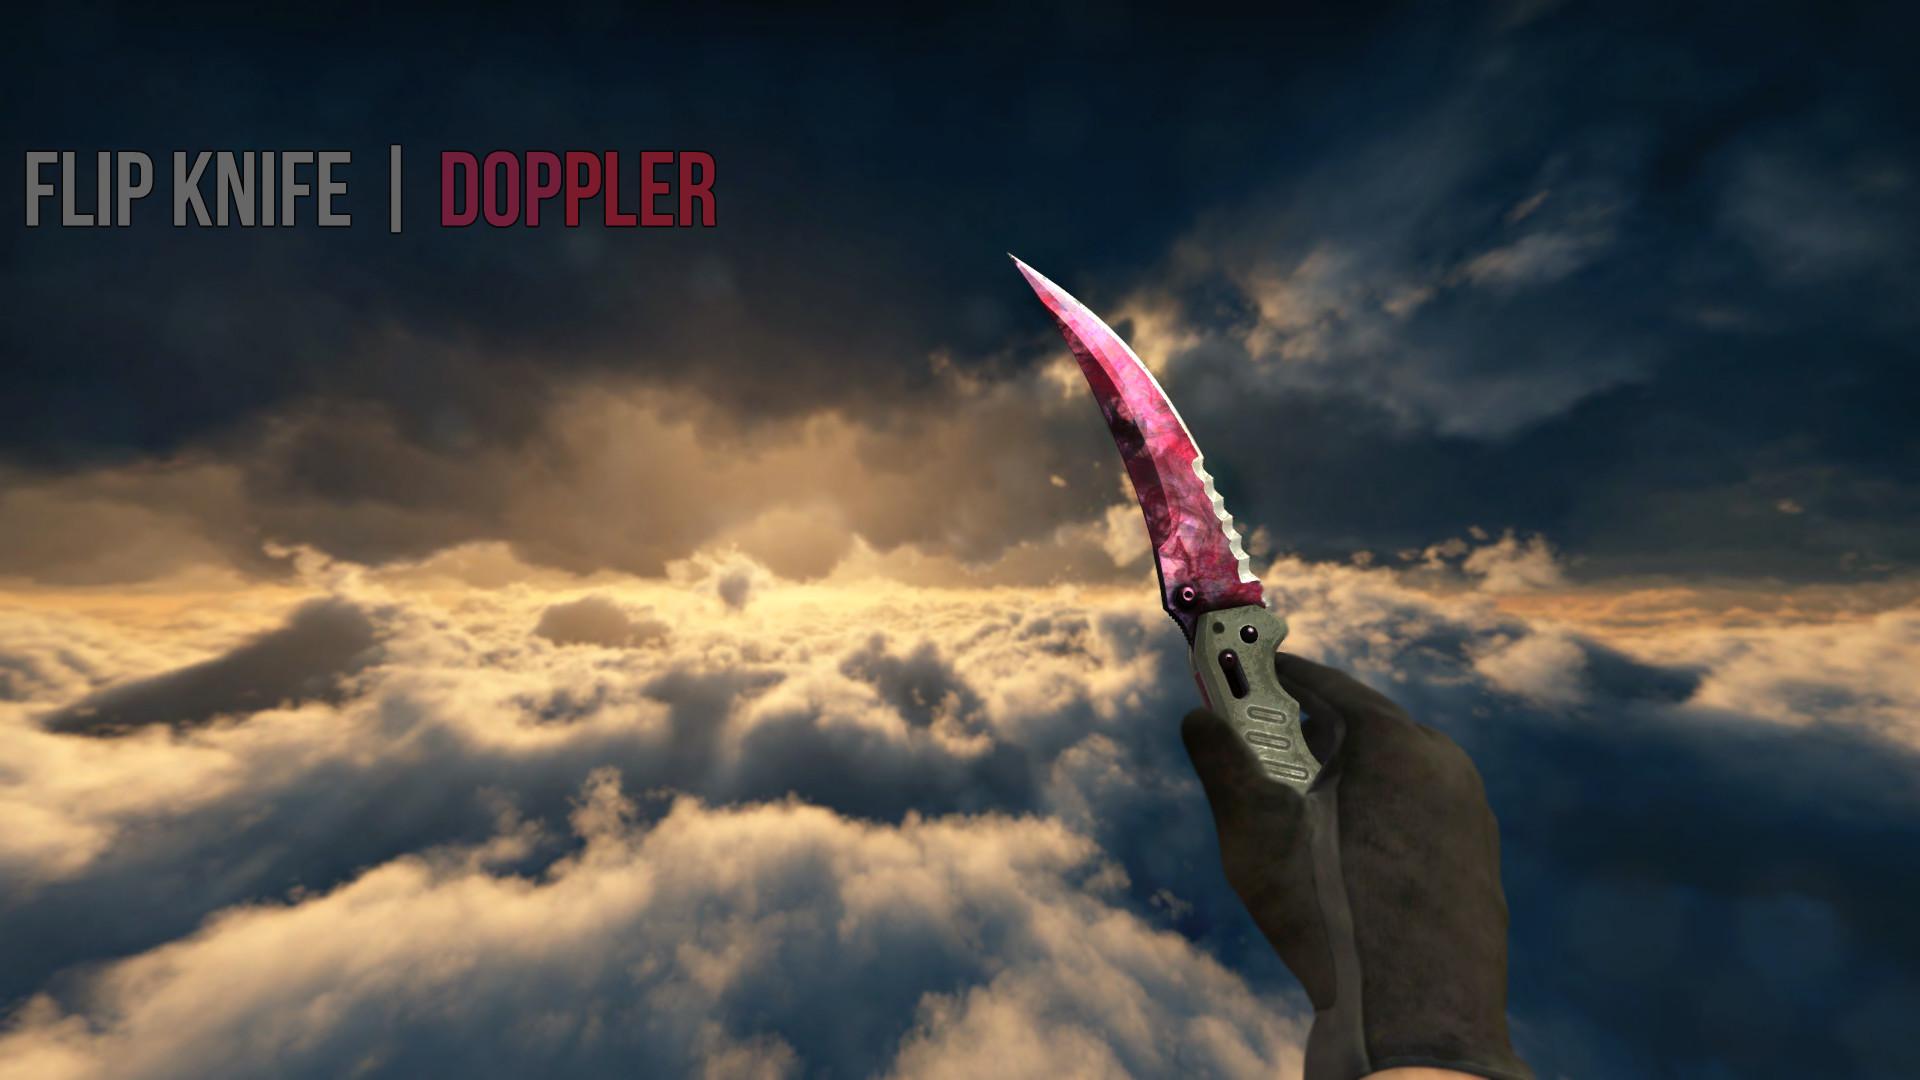 Flip Knife doppler